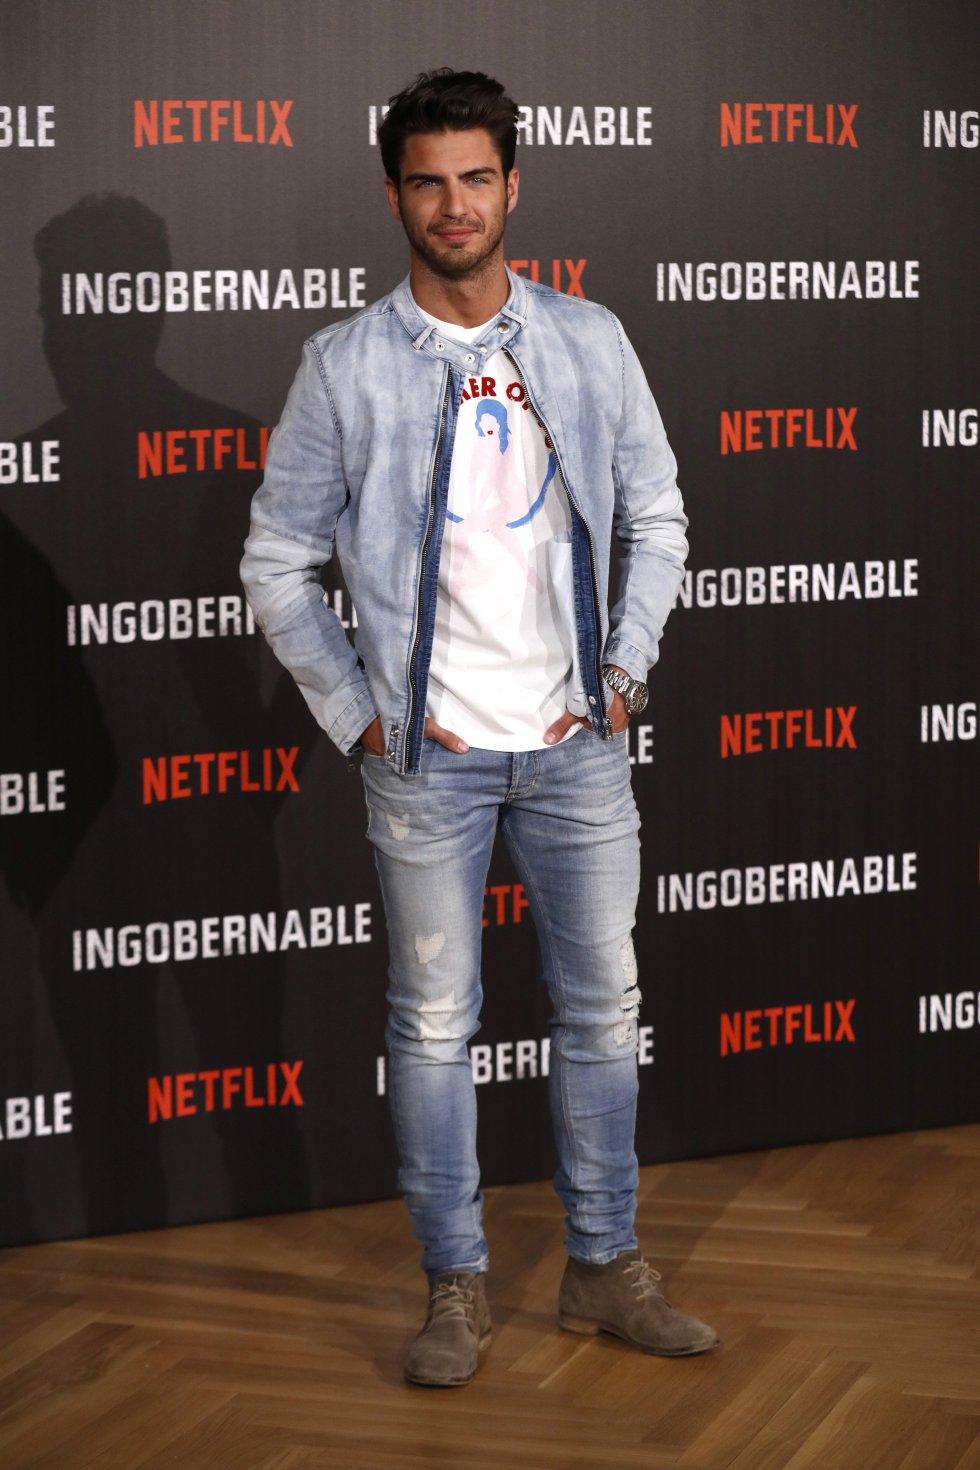 """El actor Maxi Iglesias fue otro de los que asistió a la presentación de la serie""""Ingobernable"""" en Madrid, España."""